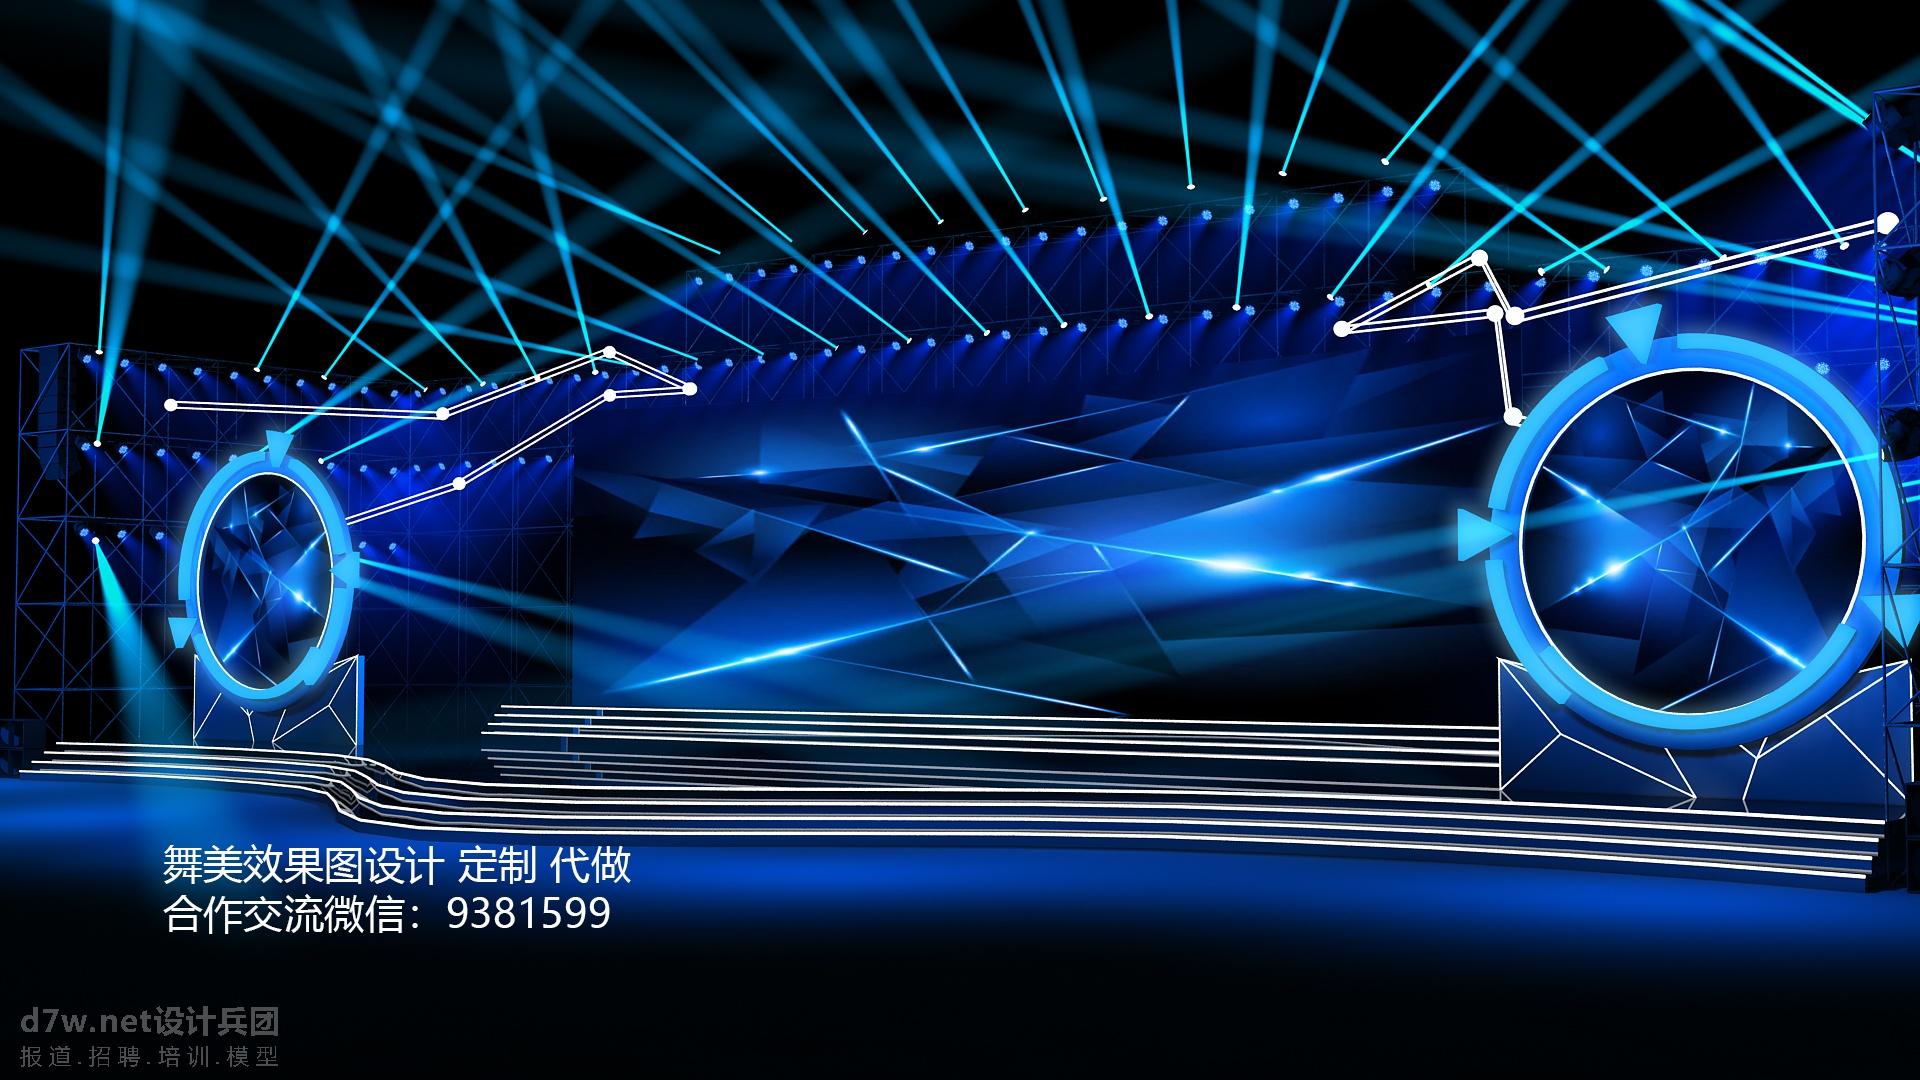 2020年会舞美 年会舞美设计 年会舞台设计 年会舞美定制 年会舞台定制 年会3d设计 年会3d定制 年会舞美代做  ...